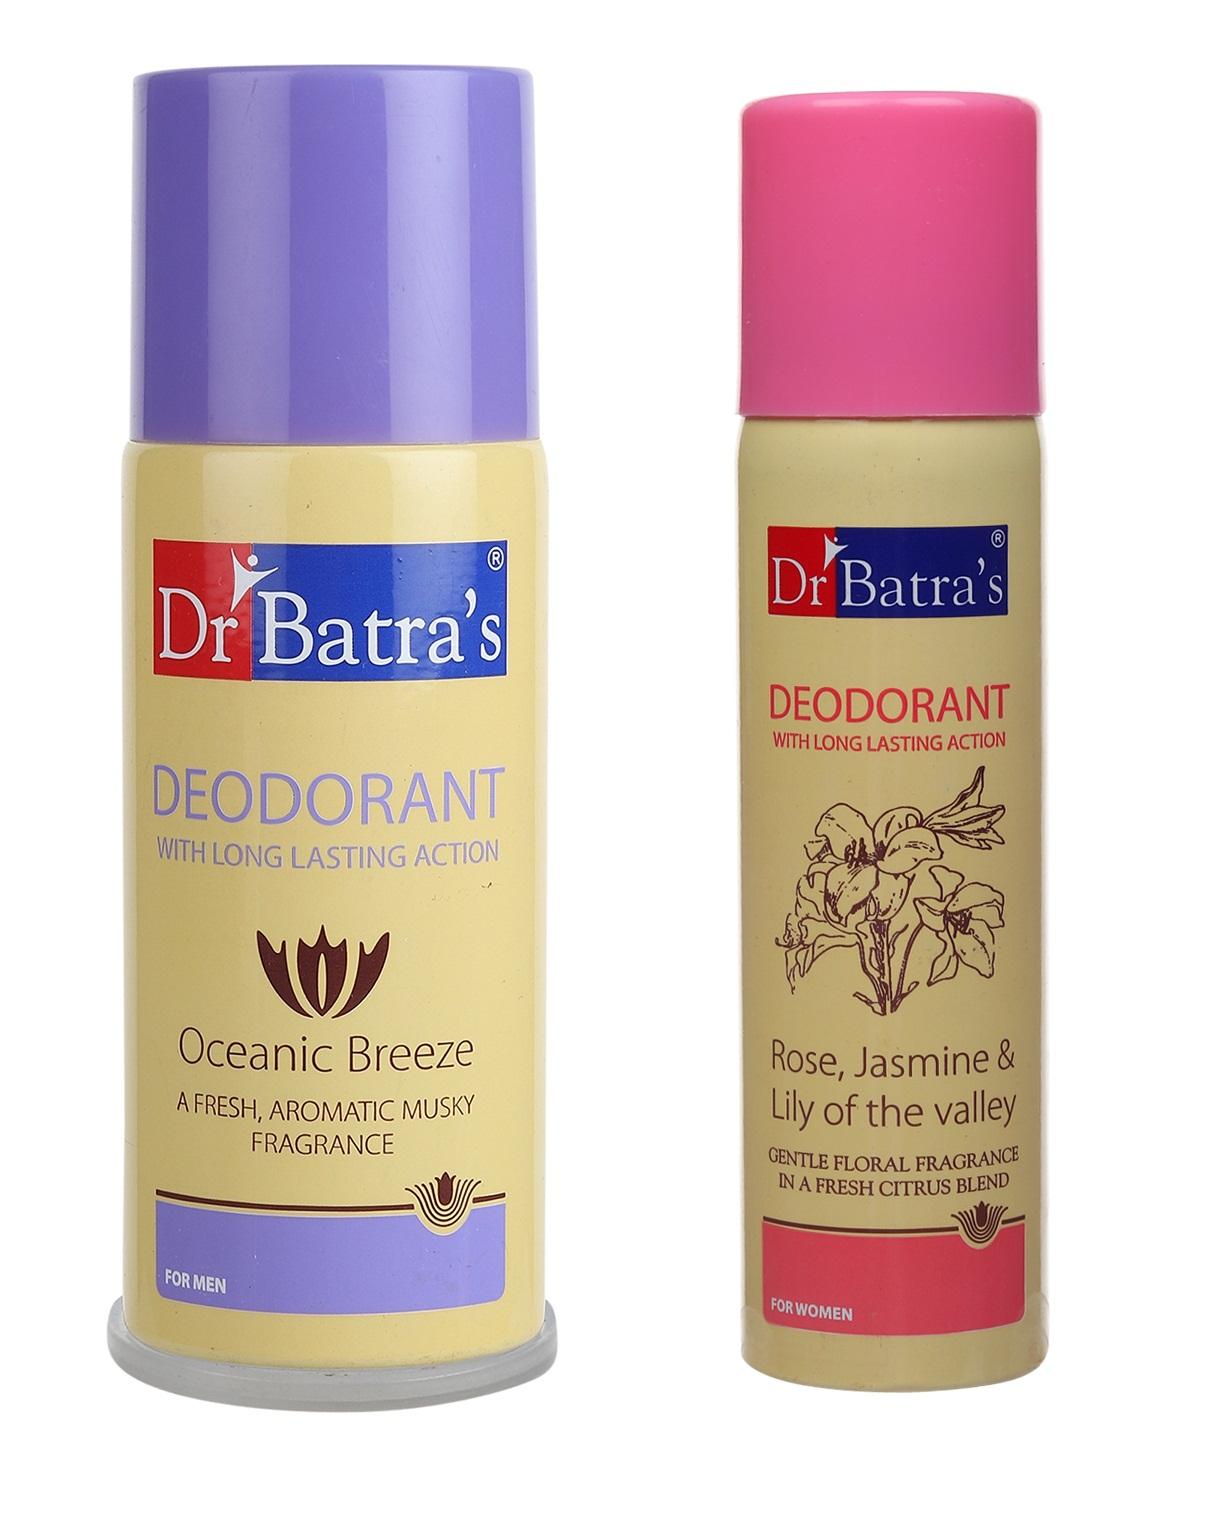 Dr Batra's | Dr Batra's Men's and Women's Combo Deodorant (150 ml)